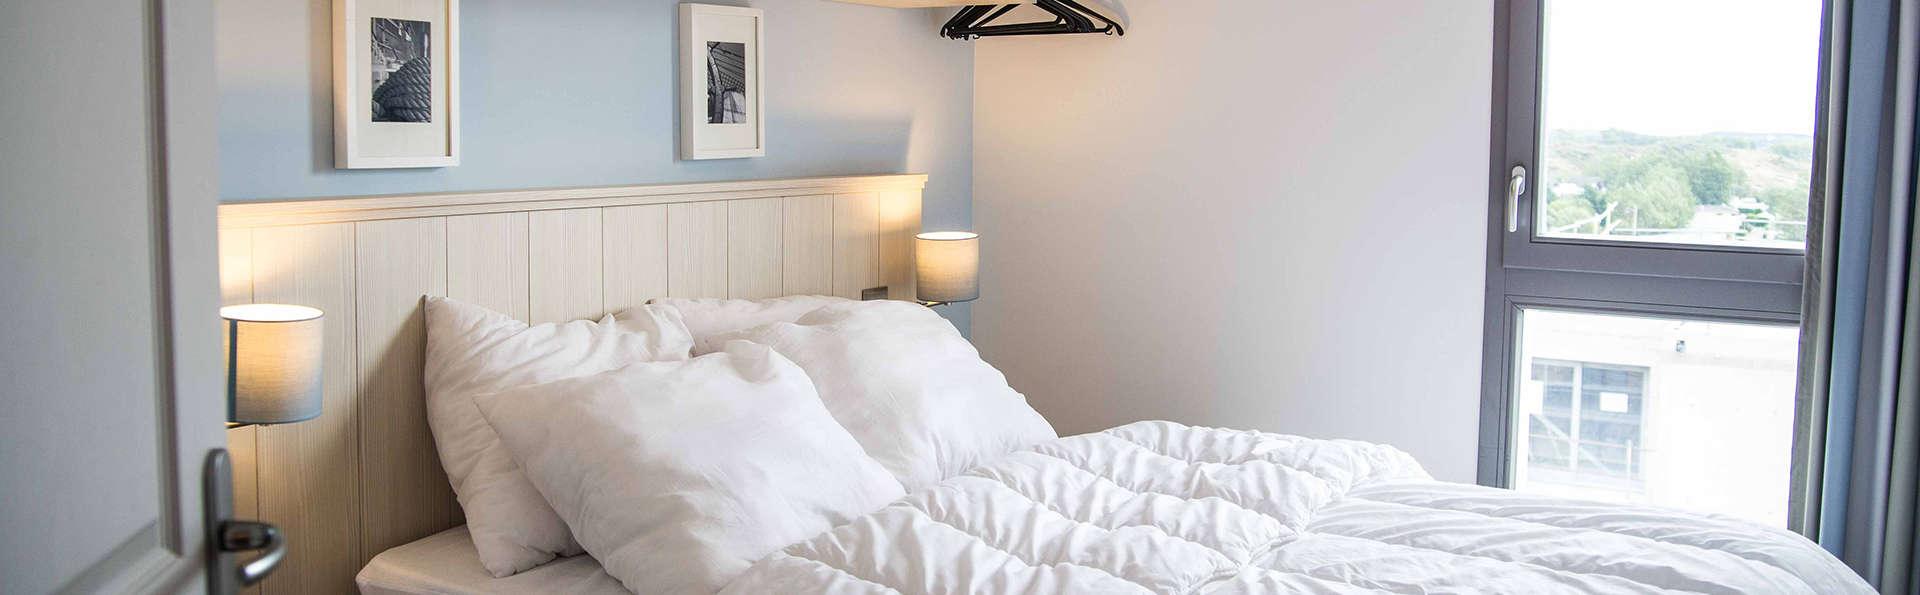 Evancy Bray-Dunes Étoile de Mer - EDIT_NEW_Room.jpg